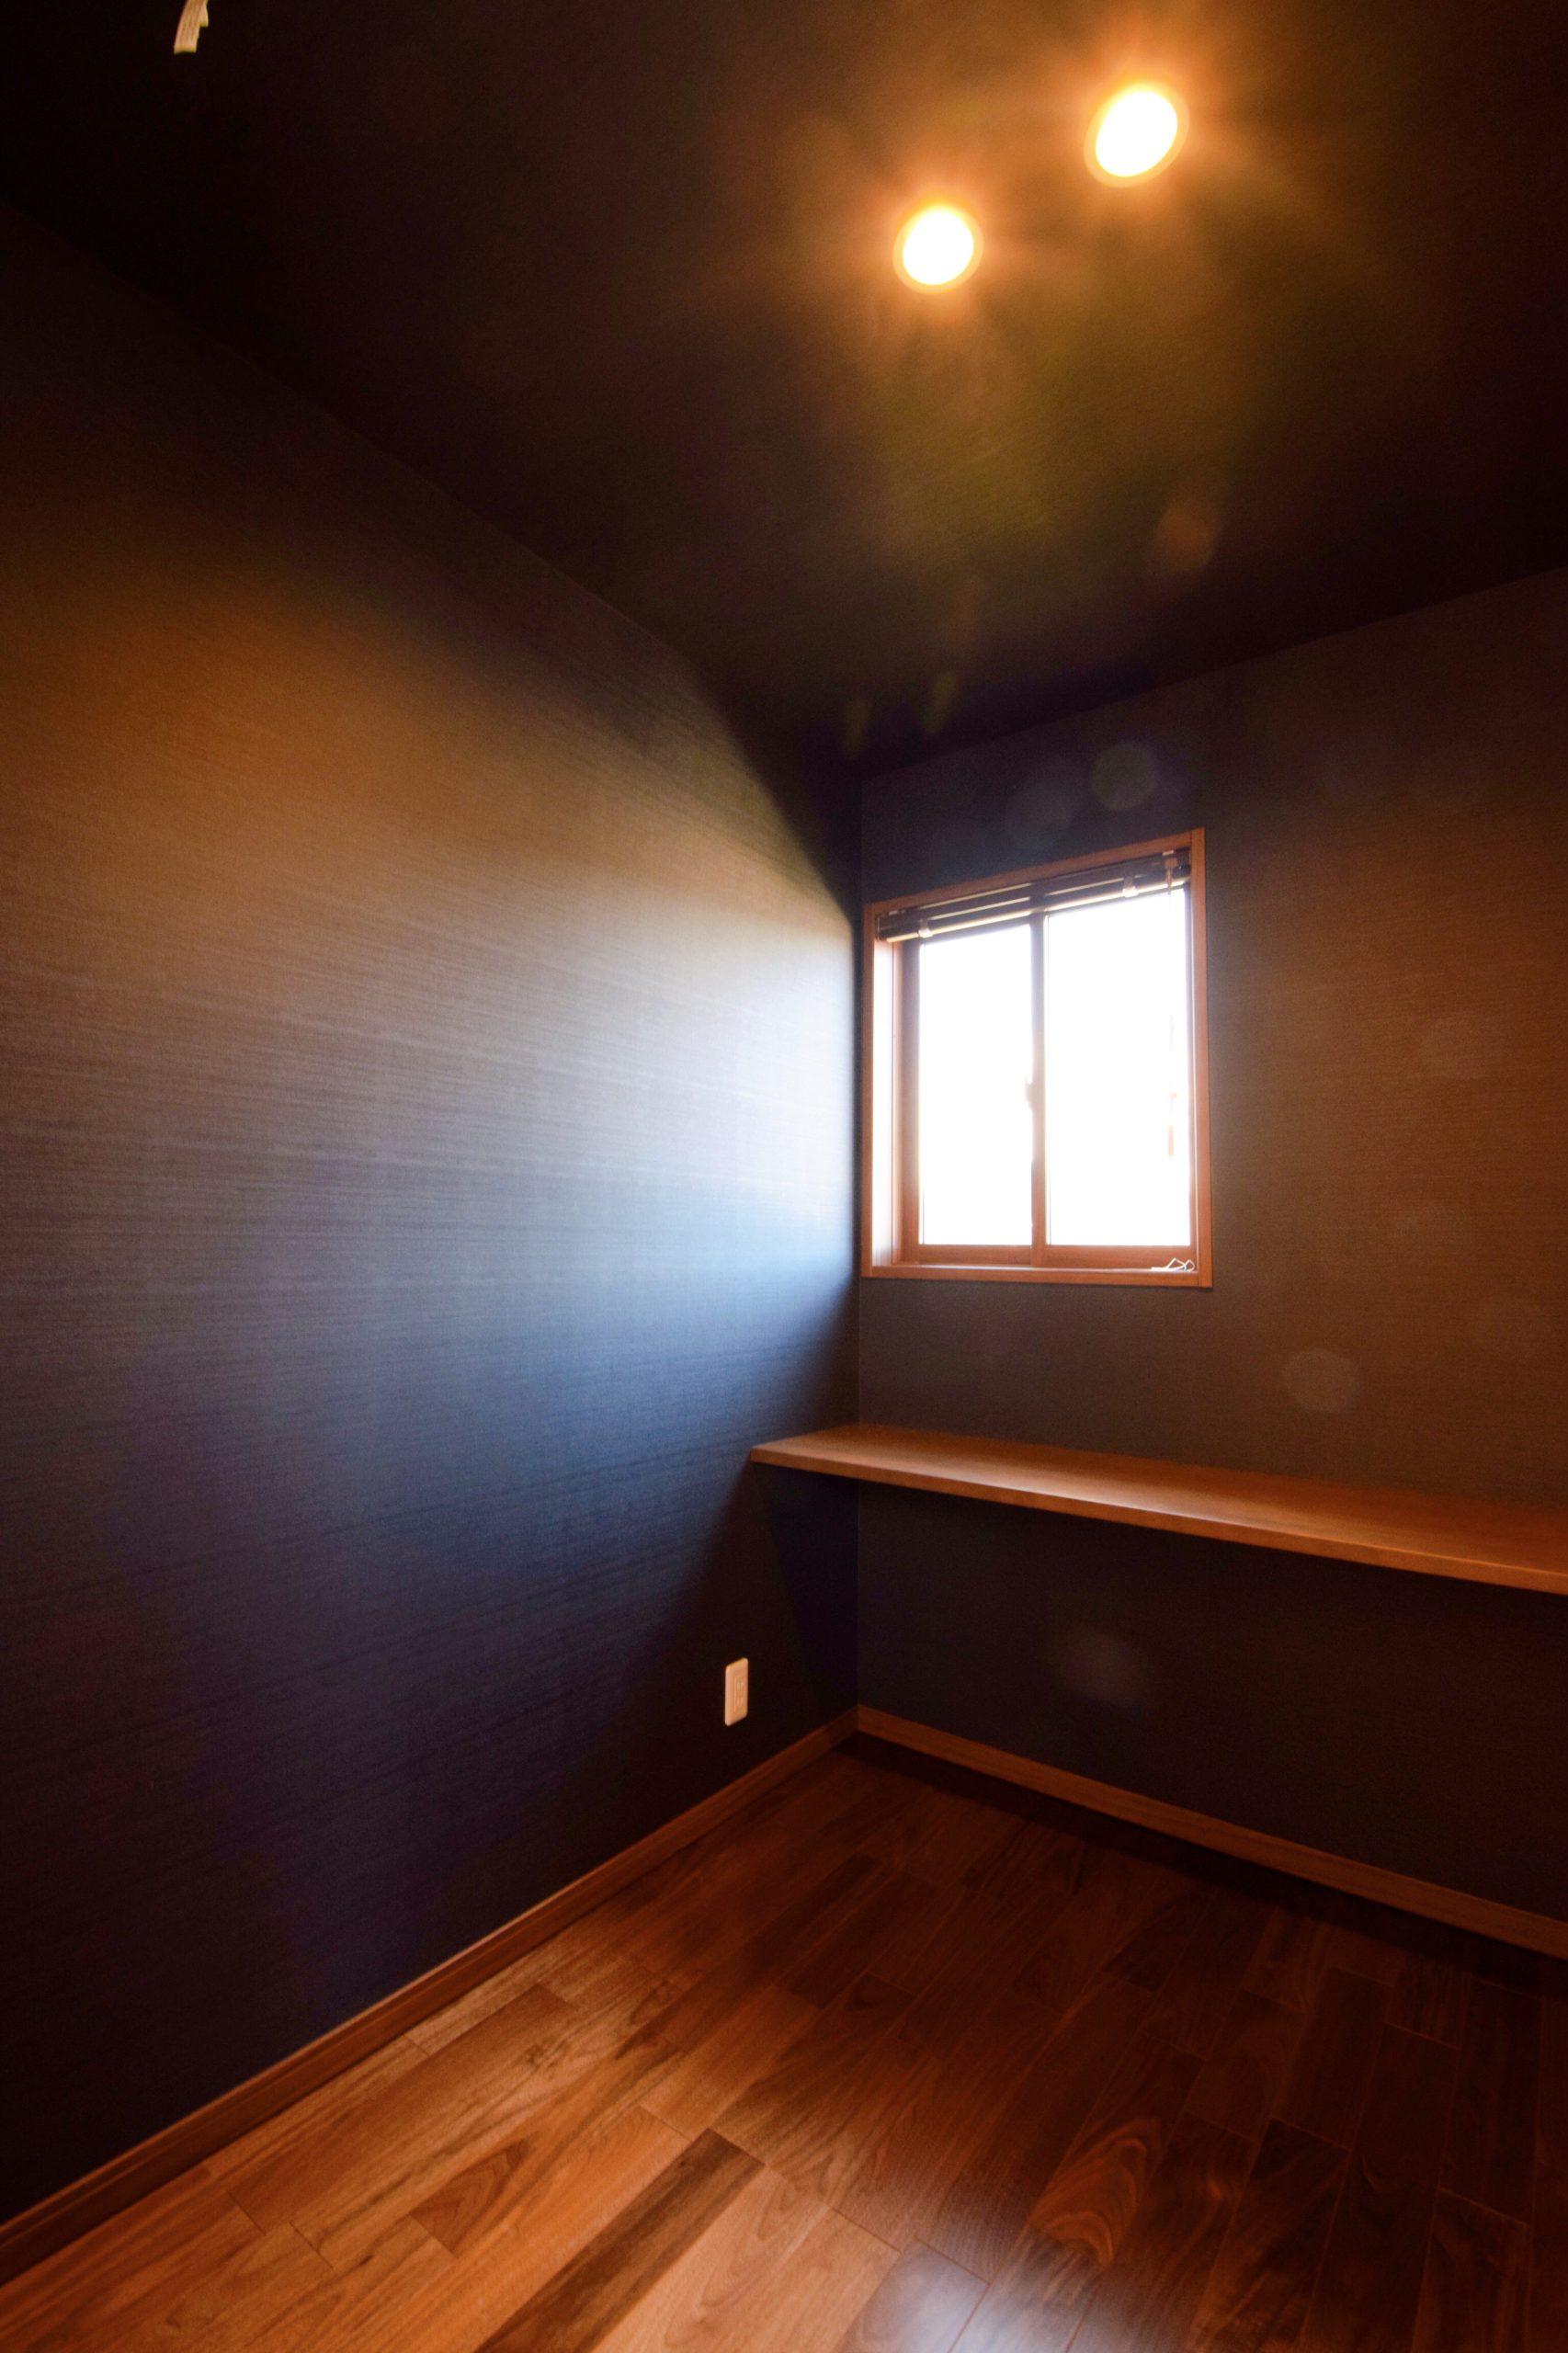 シックな落ち着いた空間で、書斎や趣味スペースに